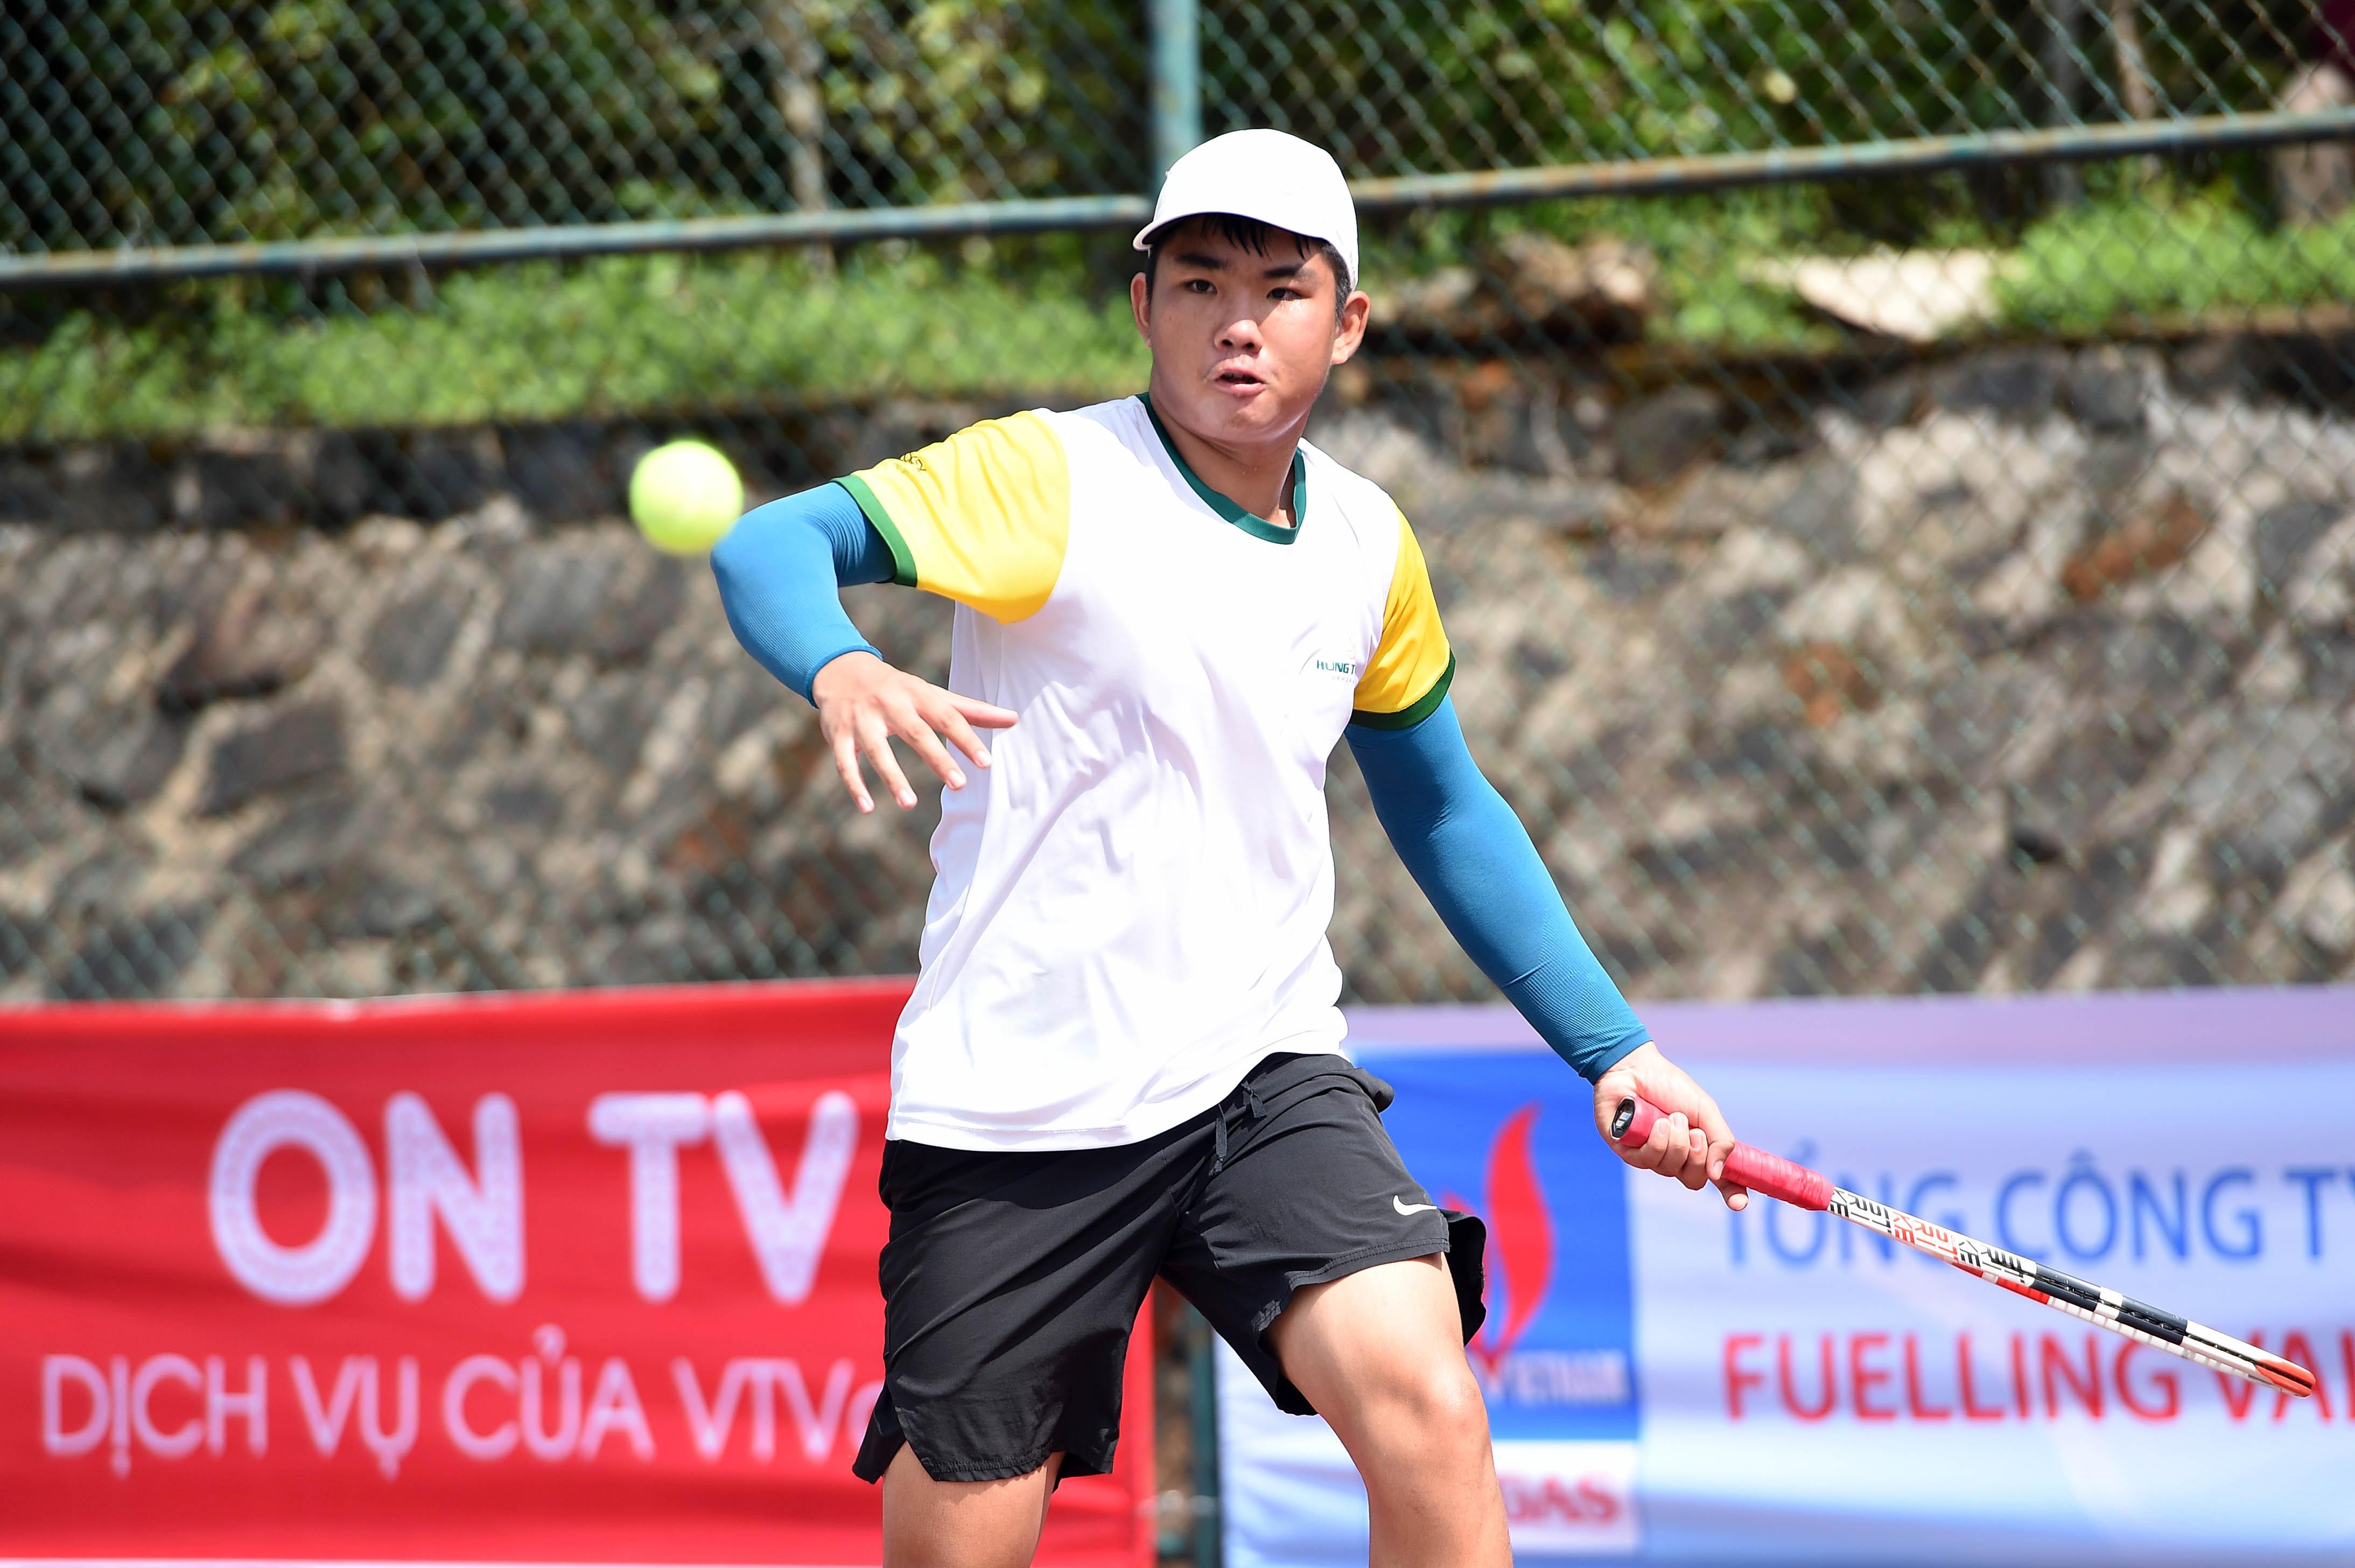 Hình ảnh: Giải quần vợt Vô địch Đồng đội Quốc – Đăk Nông 2021: Lý Hoàng Nam có mặt ở tứ kết, TP.HCM tiếp tục thăng hoa số 3